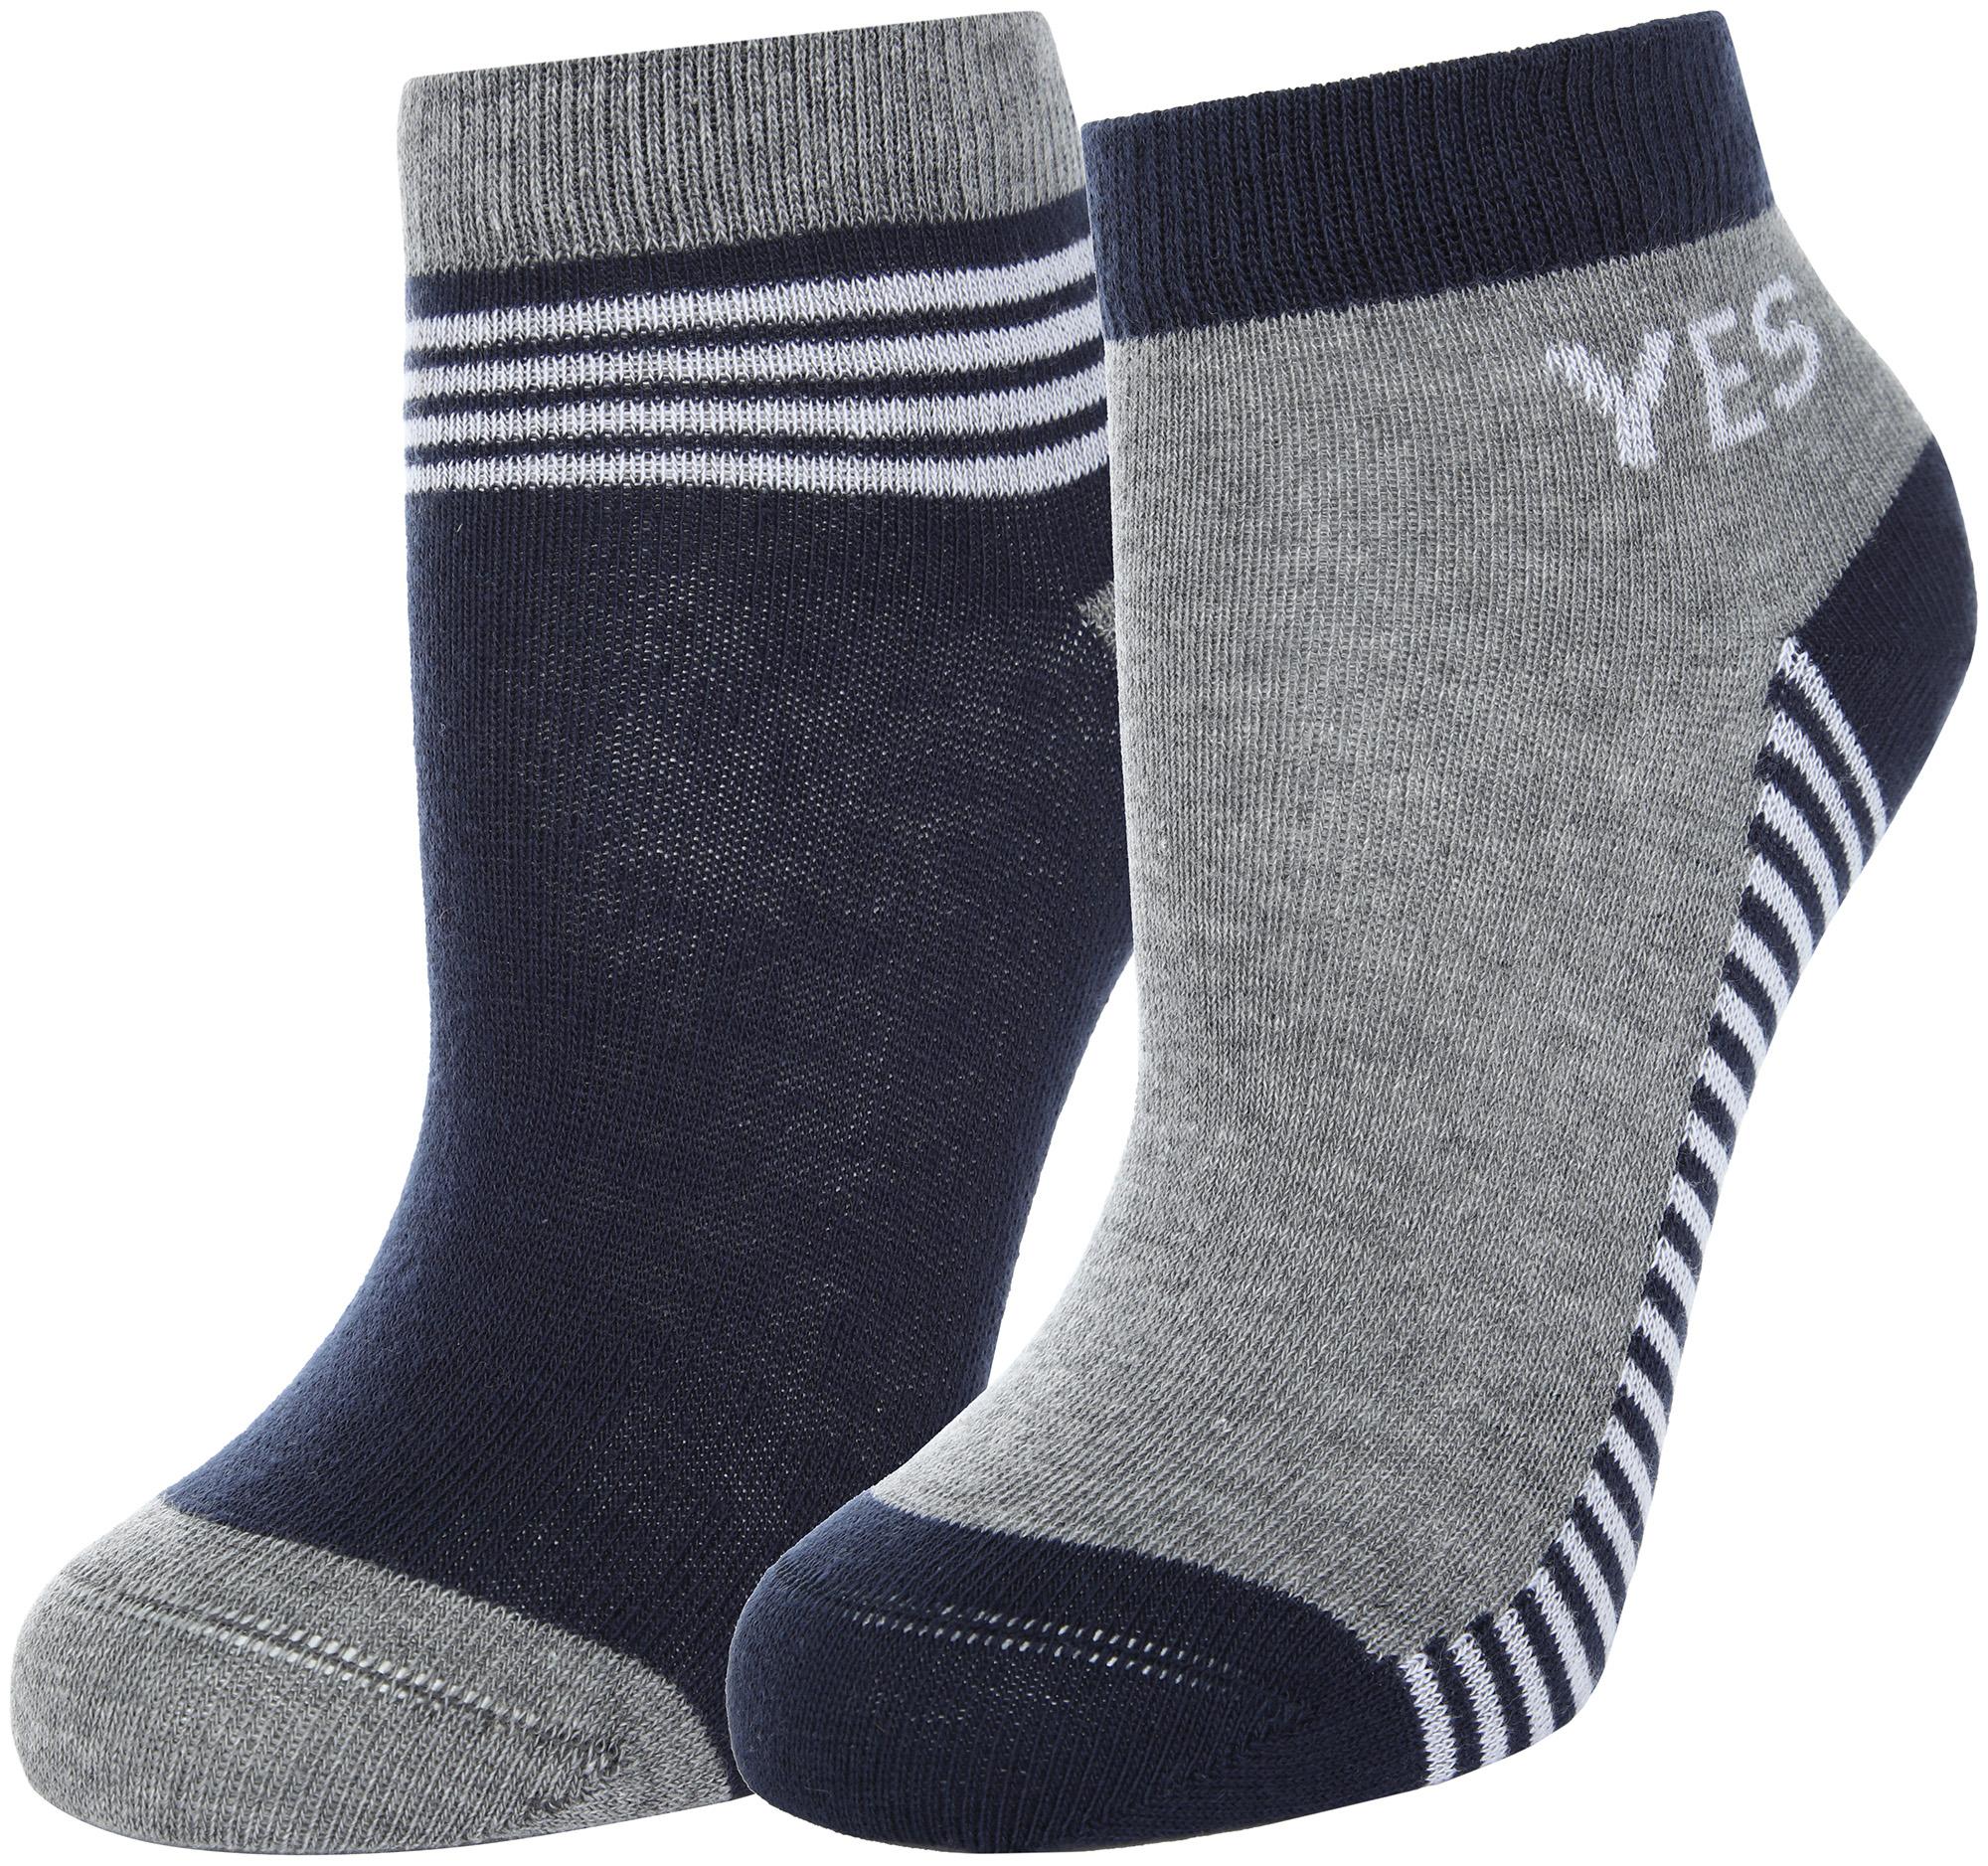 Demix Носки для мальчиков Demix, 2 пары, размер 25-27 demix носки детские demix 3 пары размер 31 33